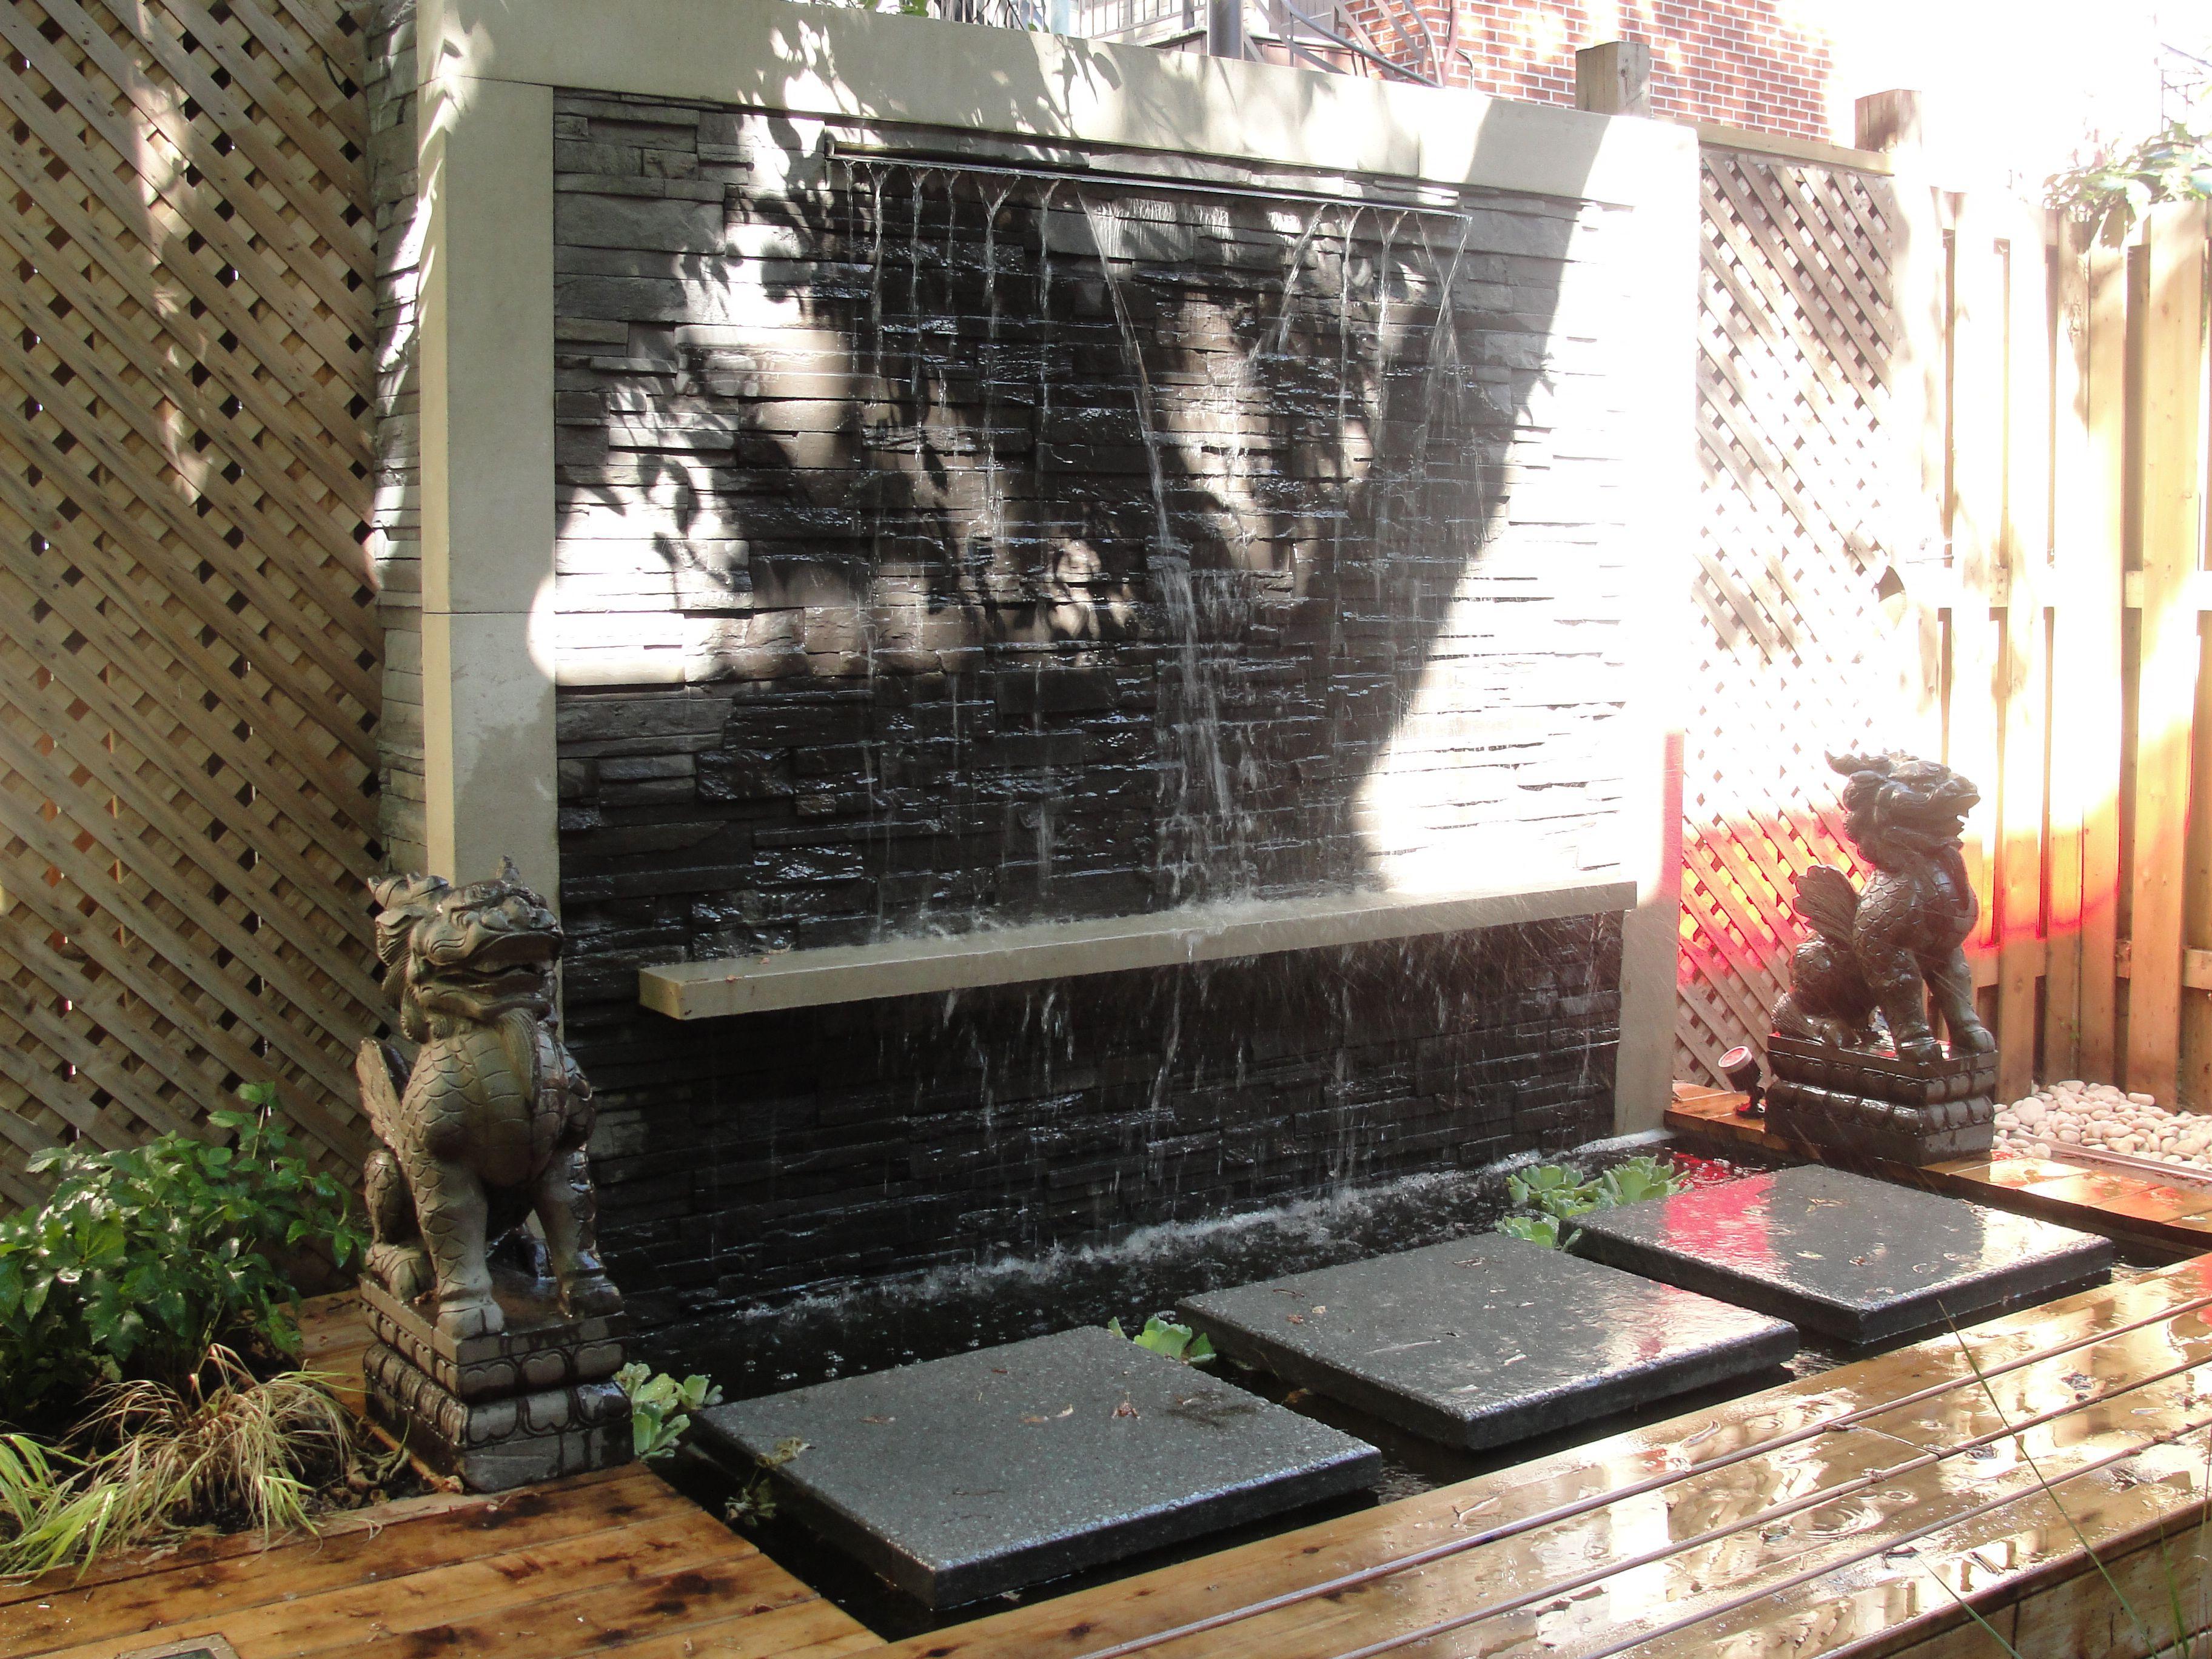 am nagement paysager mur d 39 eau terrasse et cl ture en bois de c dre muret permacon esplanade. Black Bedroom Furniture Sets. Home Design Ideas